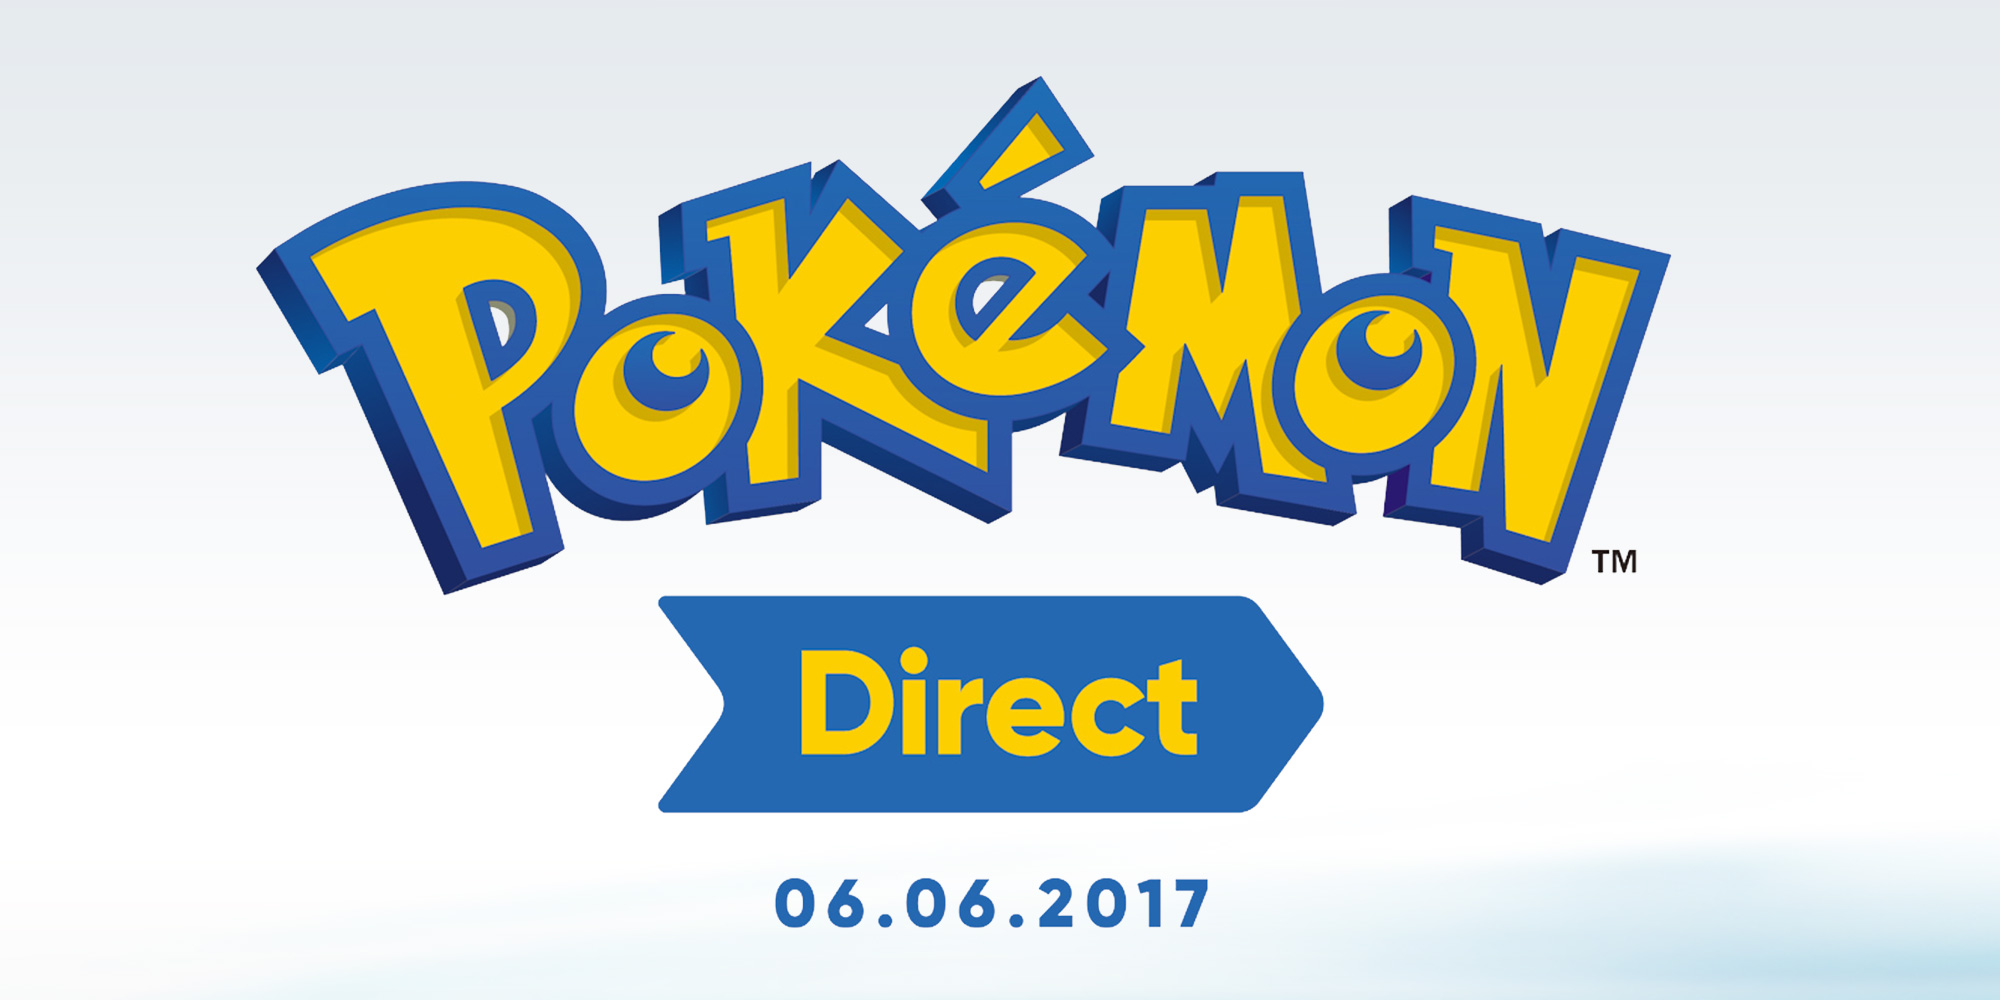 Annunciato un Pokémon Direct per il 6 giugno alle 16.00: nuovo gioco Pokémon in arrivo?